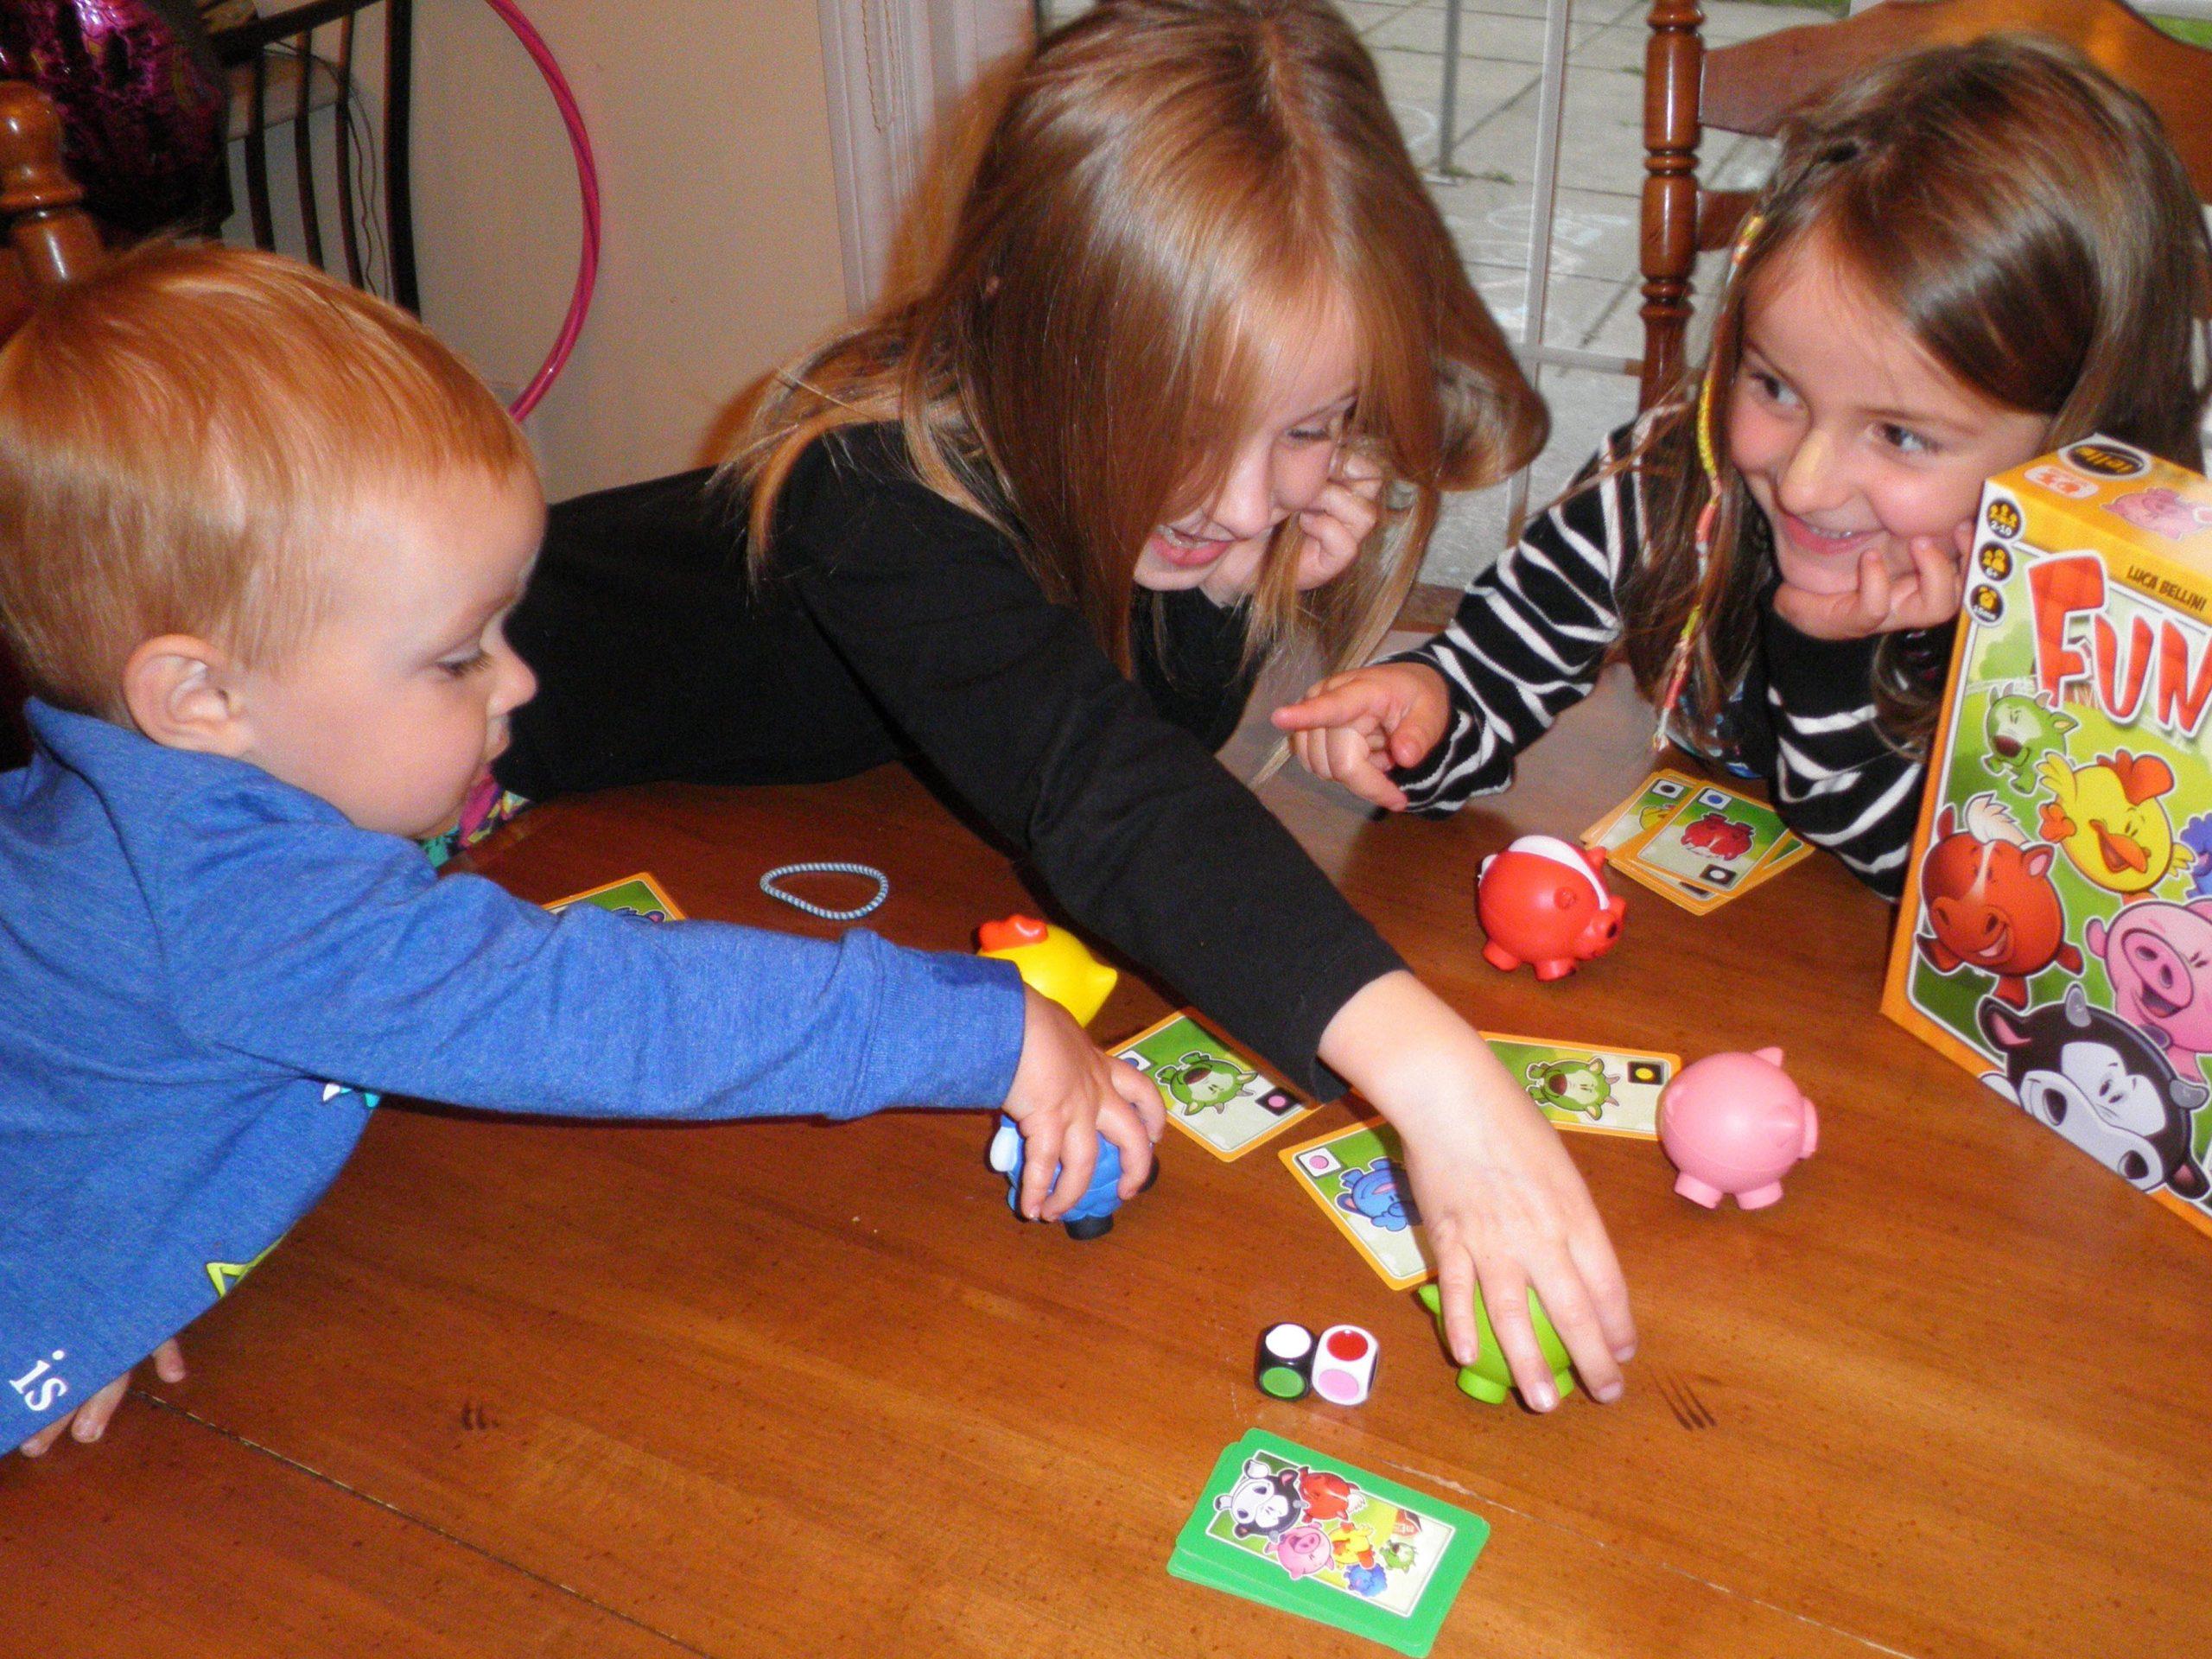 Les Jeux De Société avec Jeux Societe Enfant 6 Ans